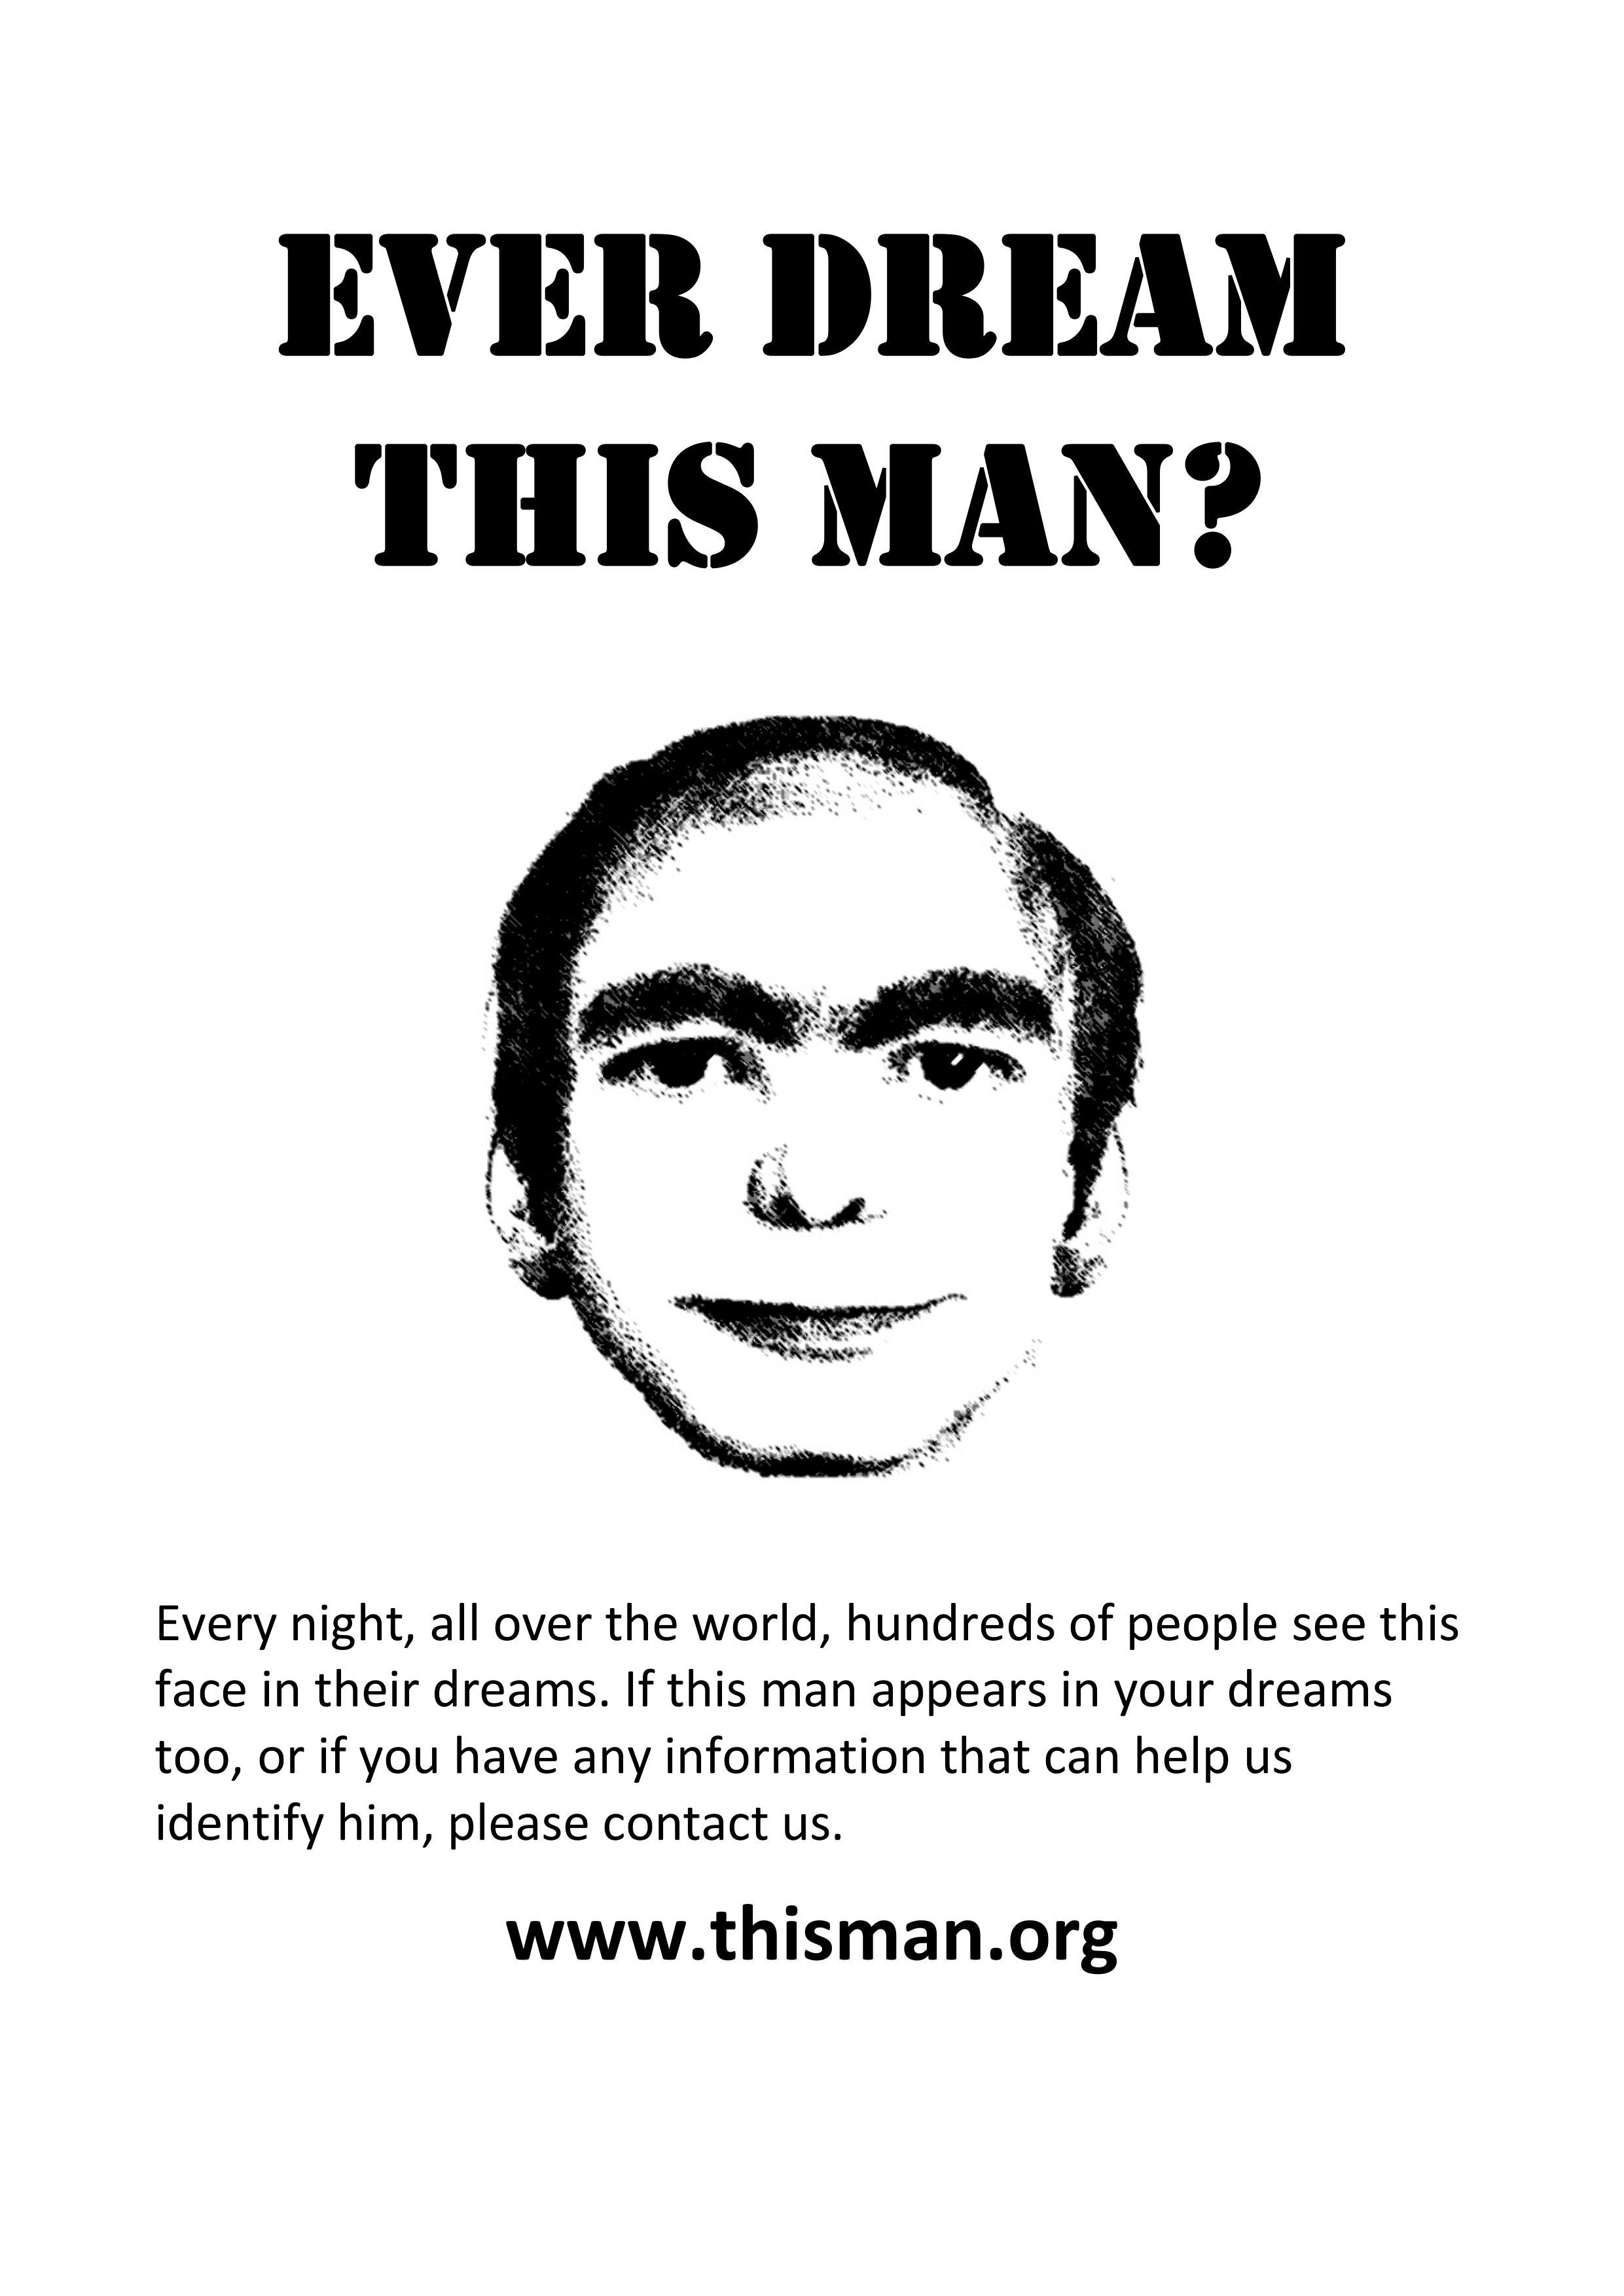 夢に現れる謎の男「This man」とは...